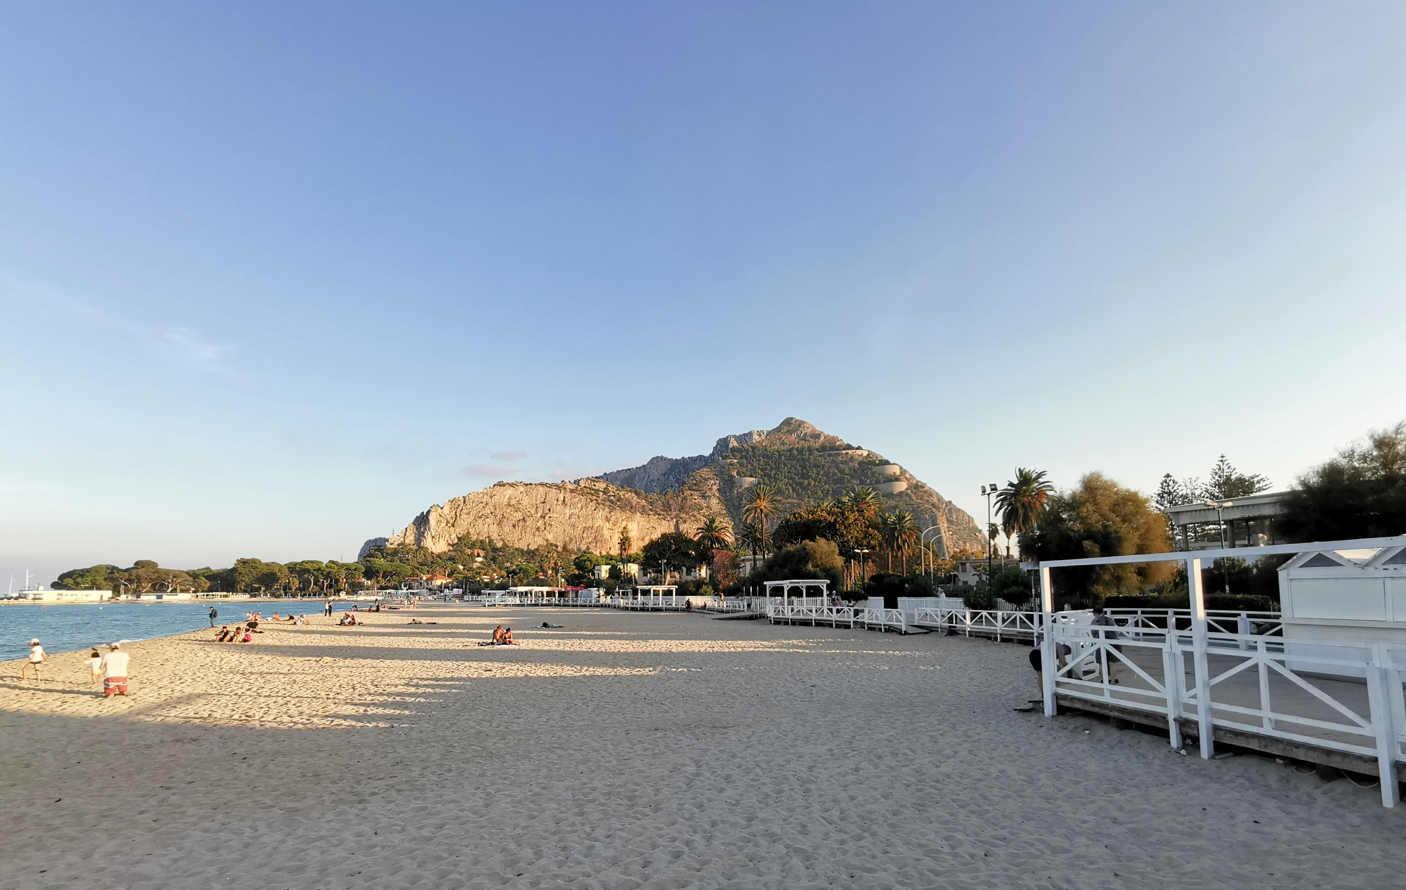 Playas de Palermo - Playa de Valdesi-Mondello